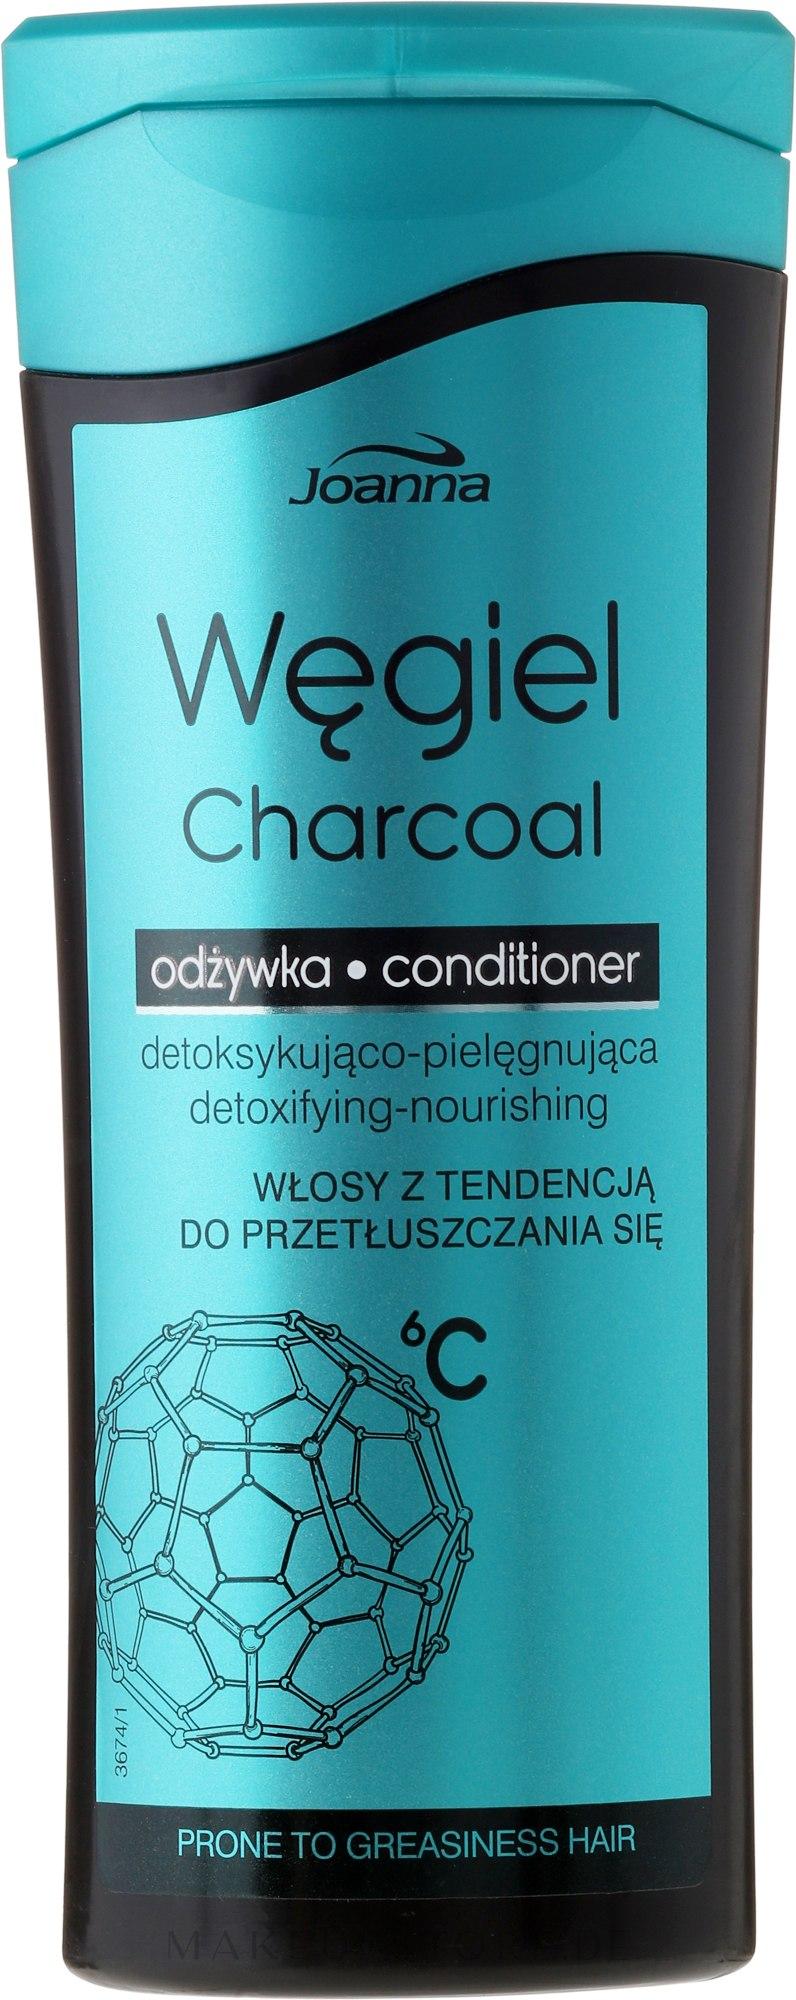 2in1 Shampoo und Haarspülung für fettiges Haar - Joanna Charcoal Micellar Conditioner — Bild 200 g